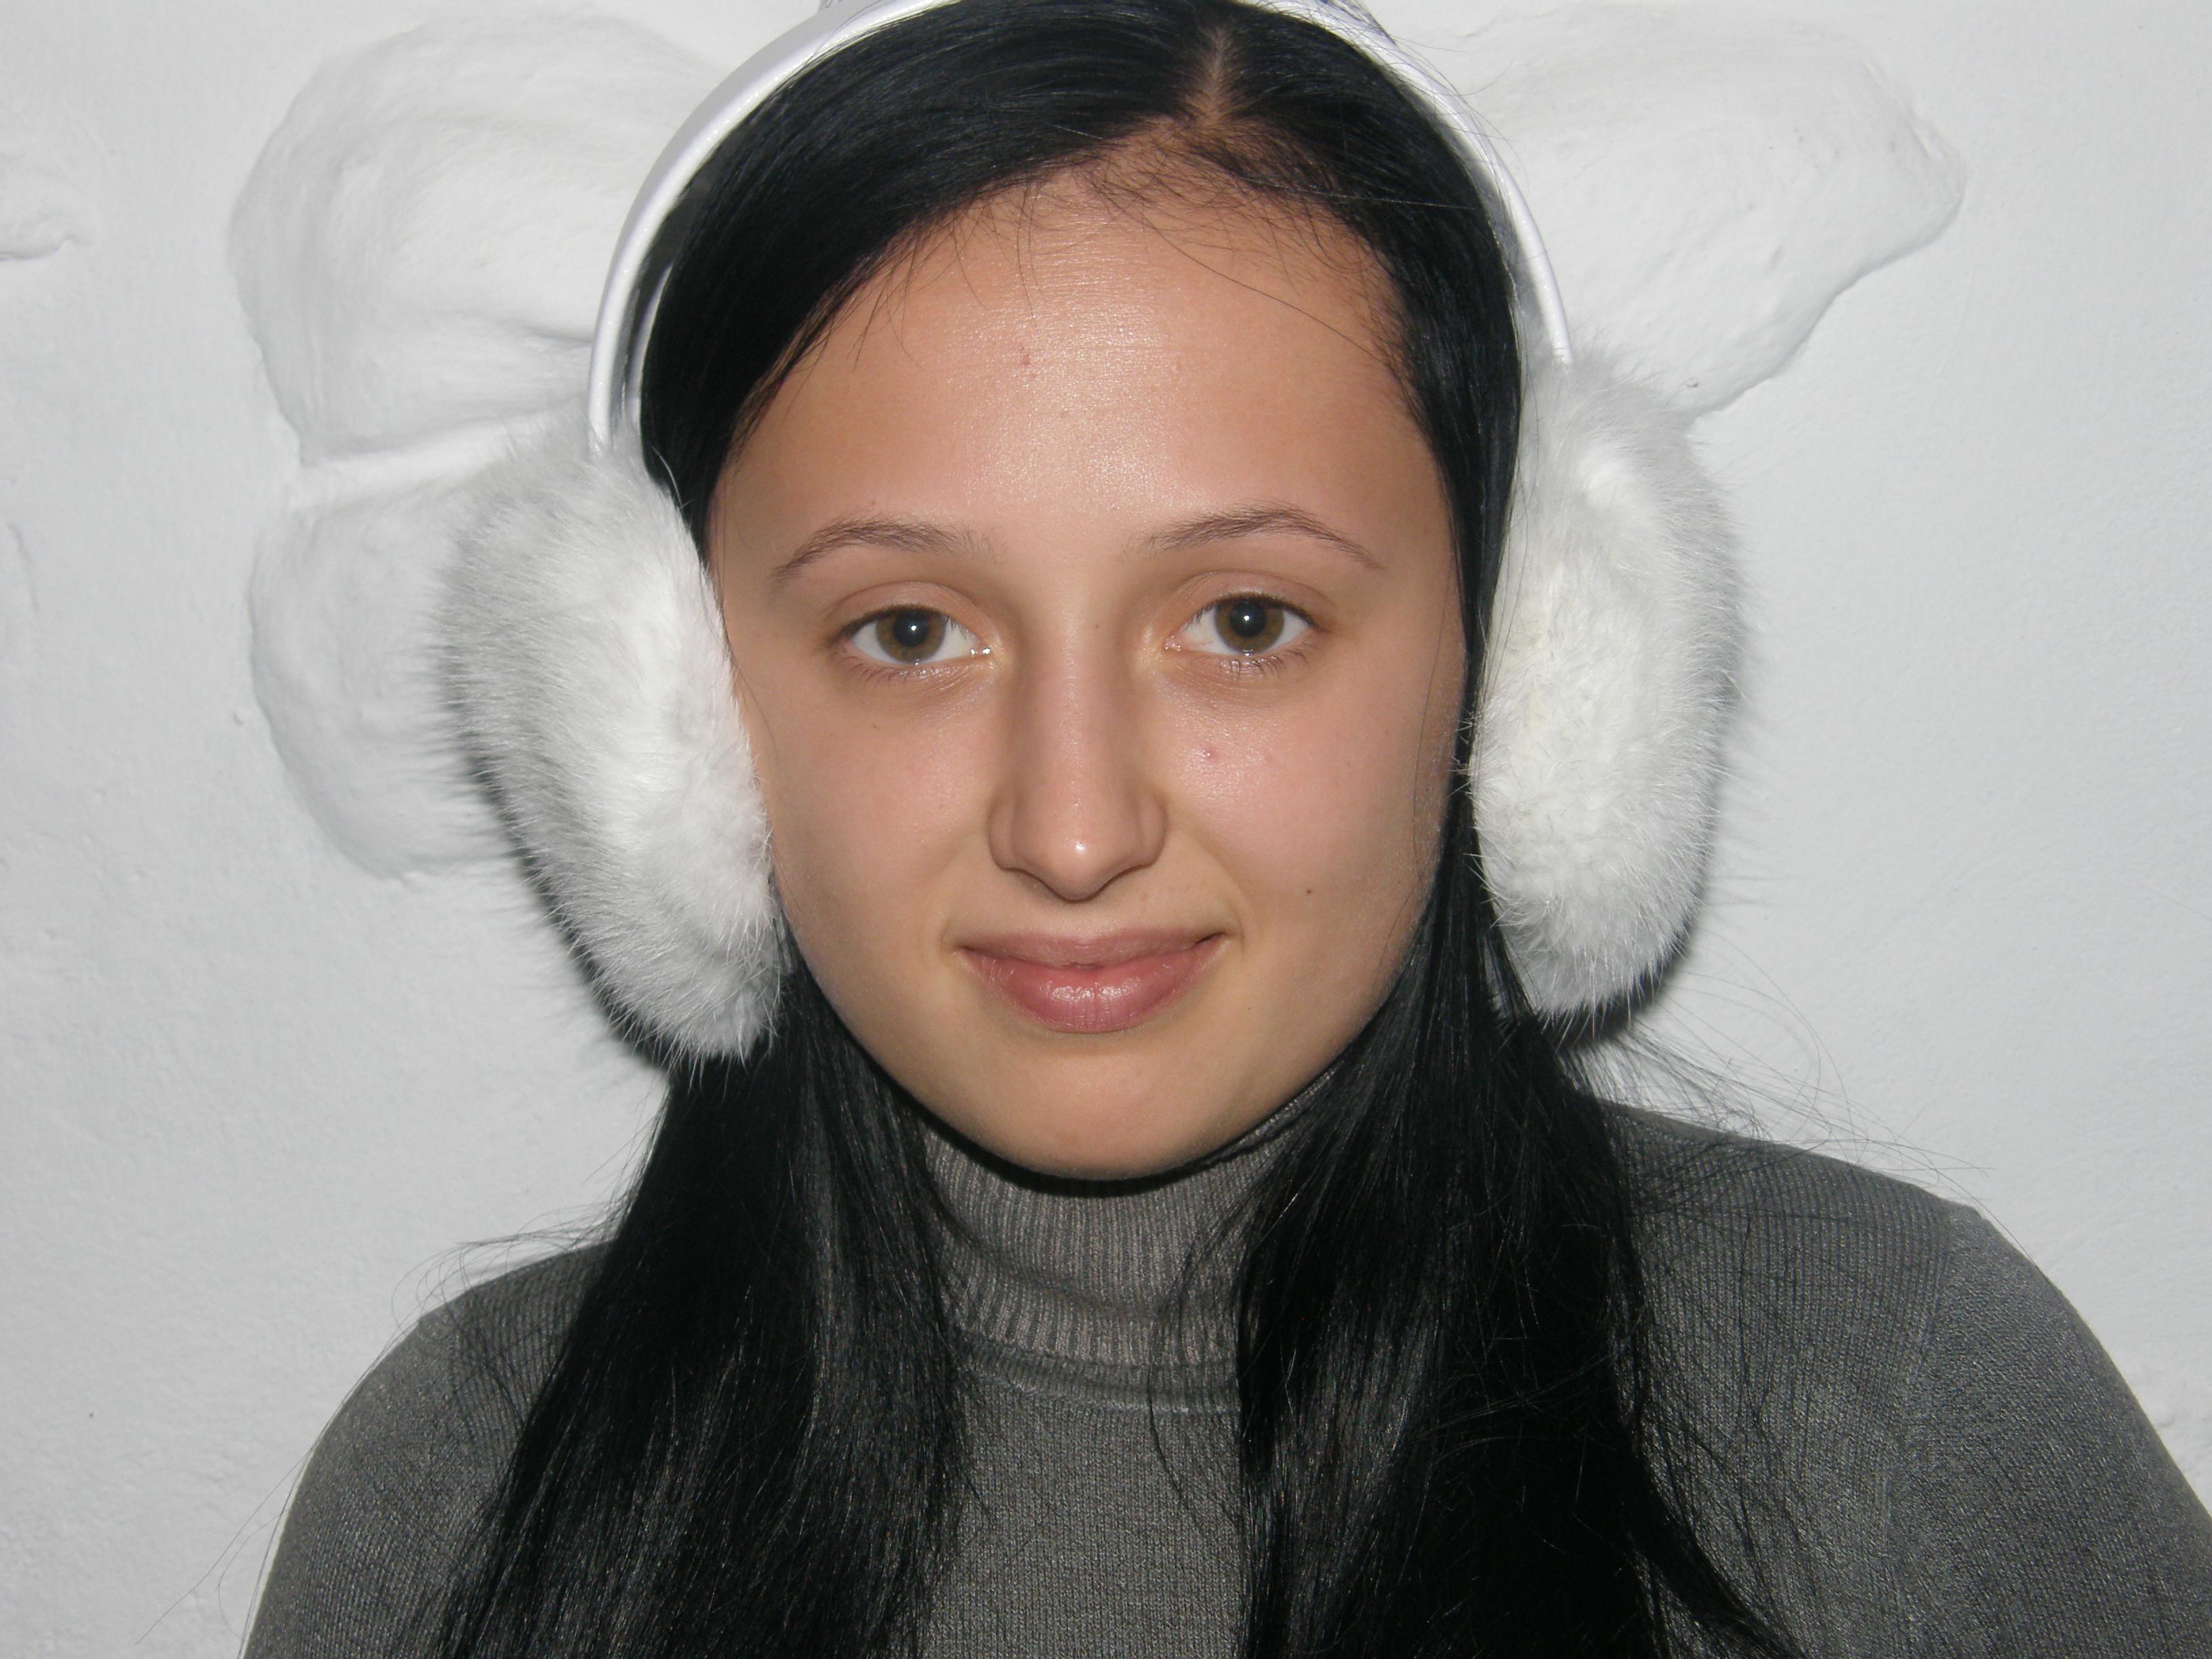 7. Меховые наушники из кролика (белые) - Товары - Шапки из ... 9962eb4a03071